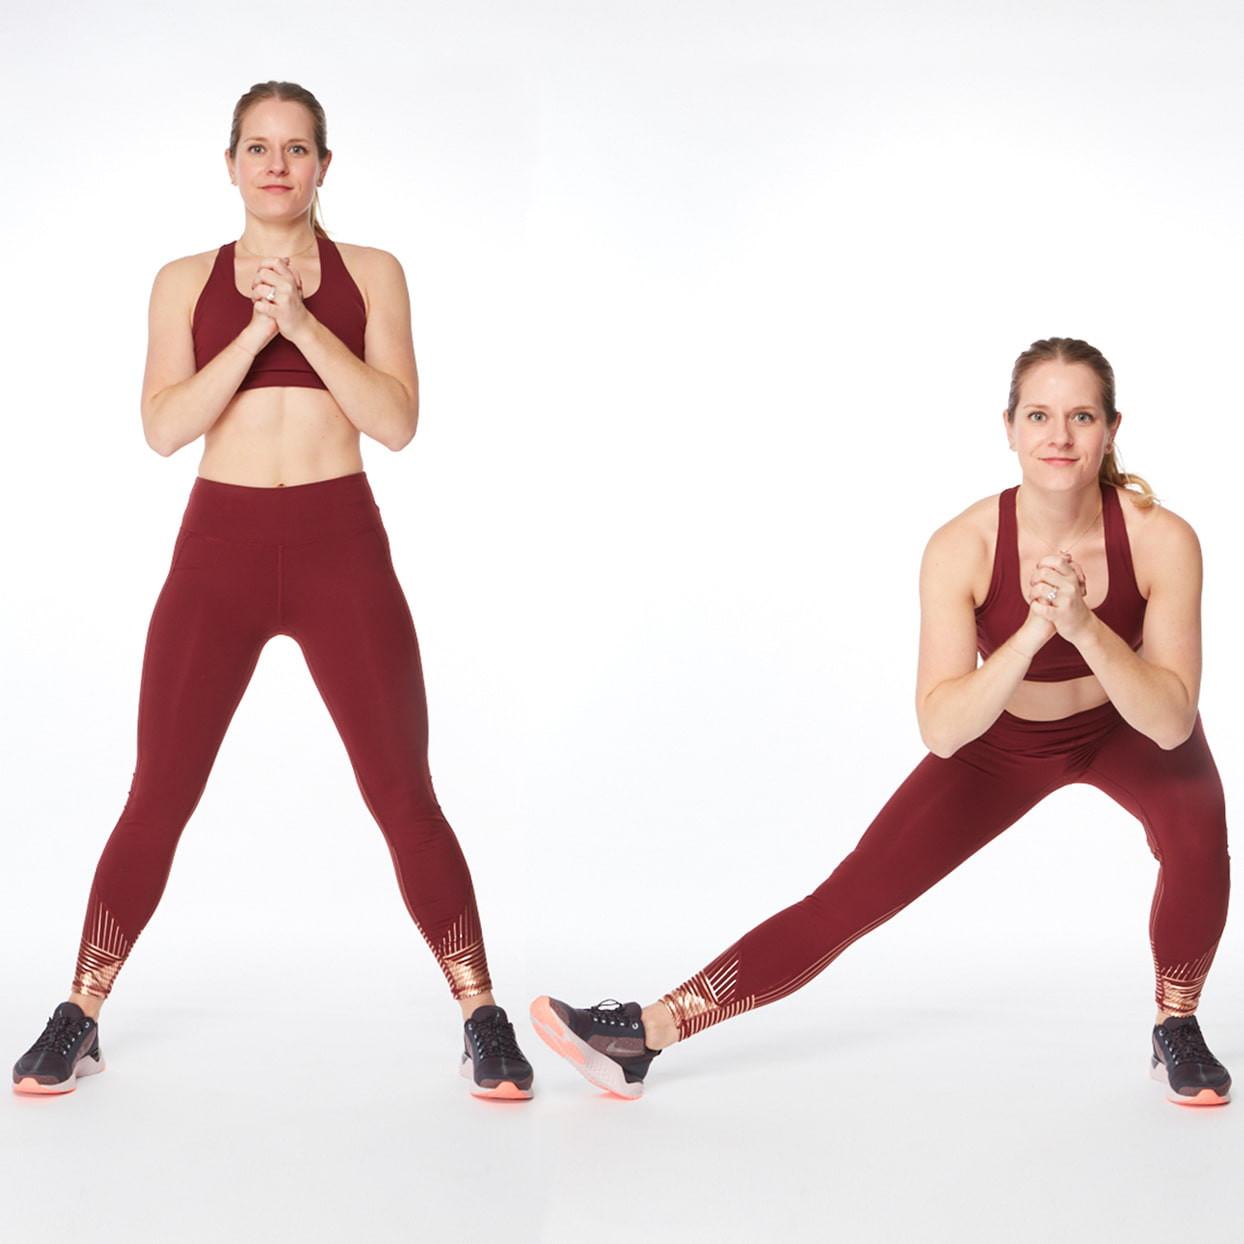 تمارين لشد الجسم - التمرين الأول لشد المؤخرة